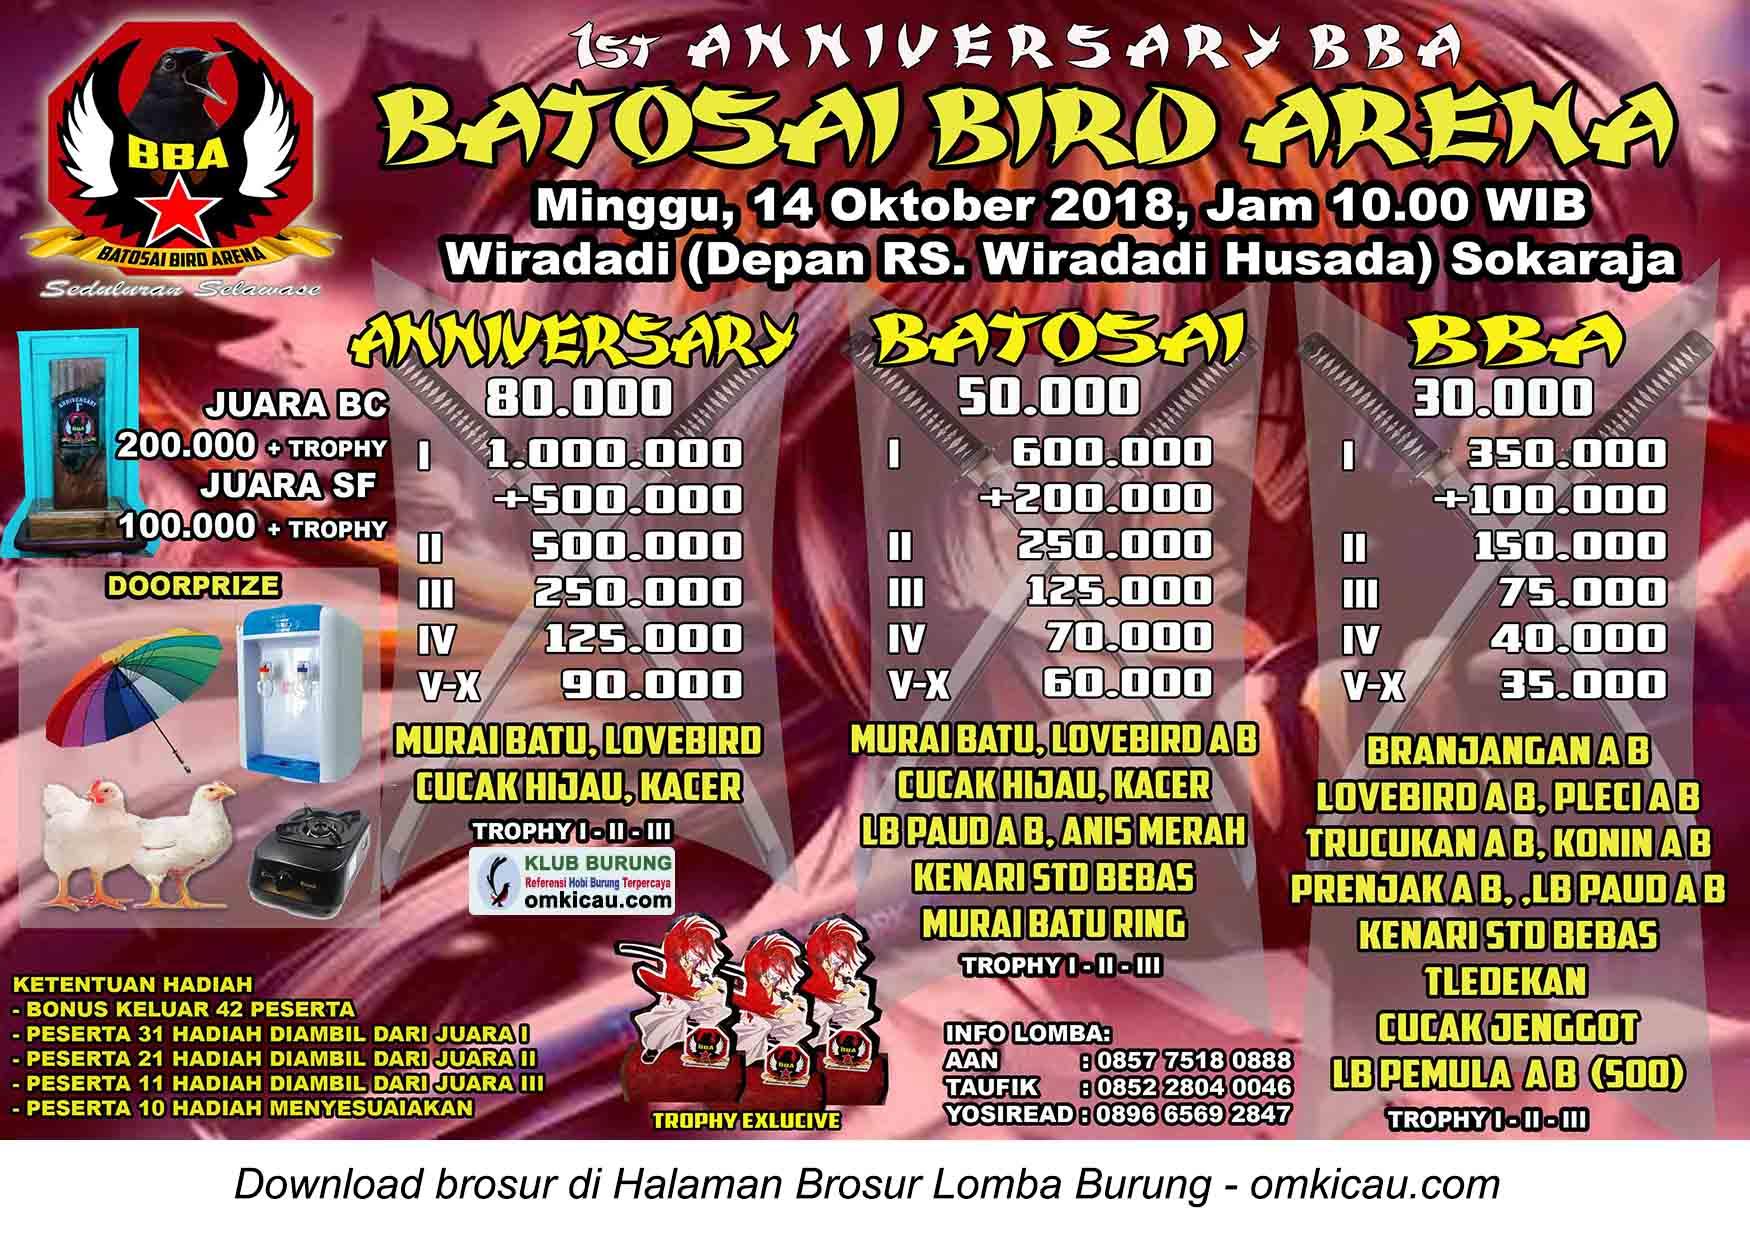 Batosai Bird Arena